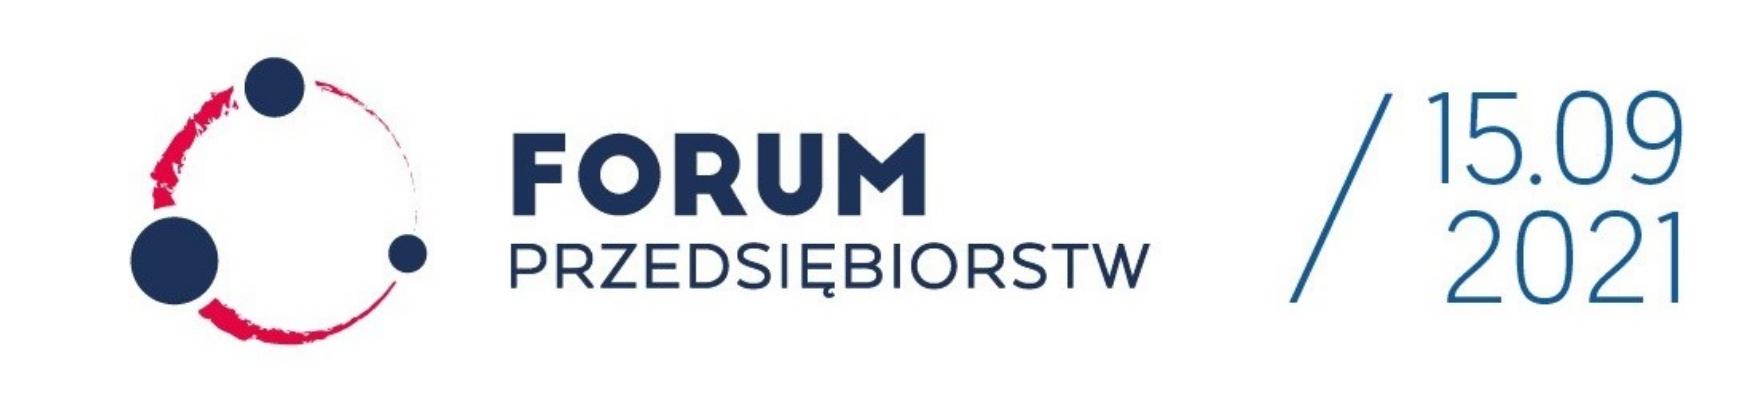 Biała plansza informacyjna z napisem Forum Przedsiębiorstw, data 15.09.2021